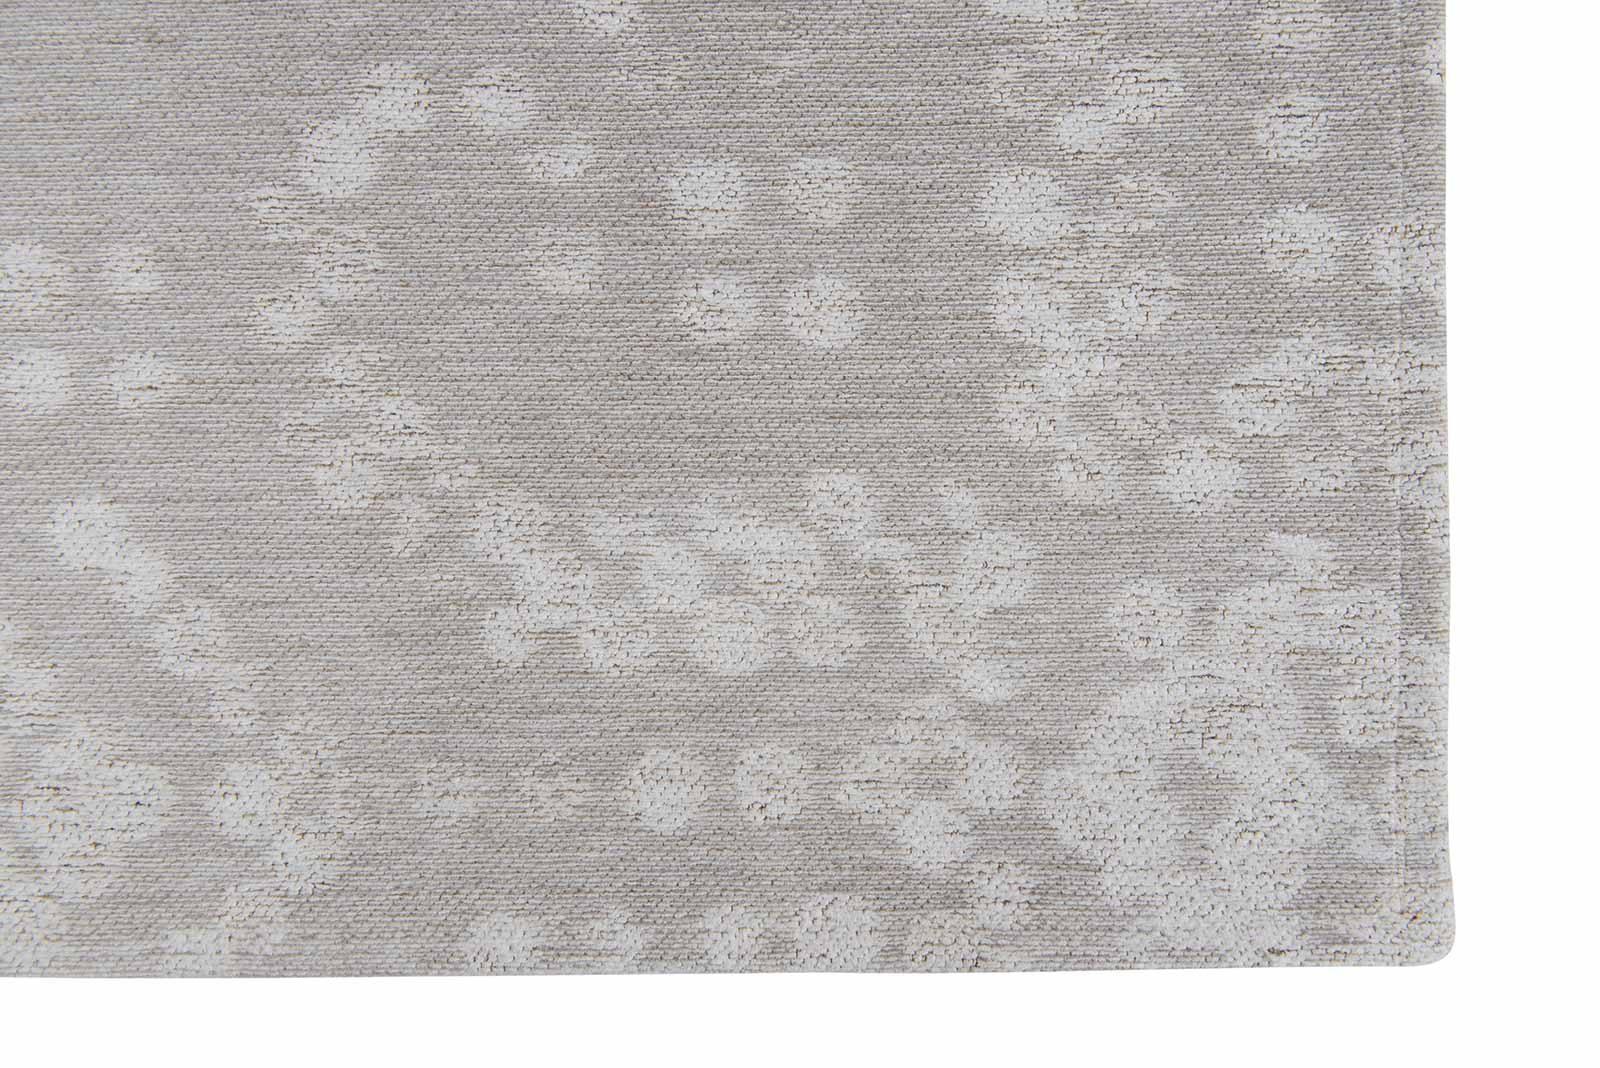 Louis De Poortere rug Villa Nova LX 8759 Marit Rice corner